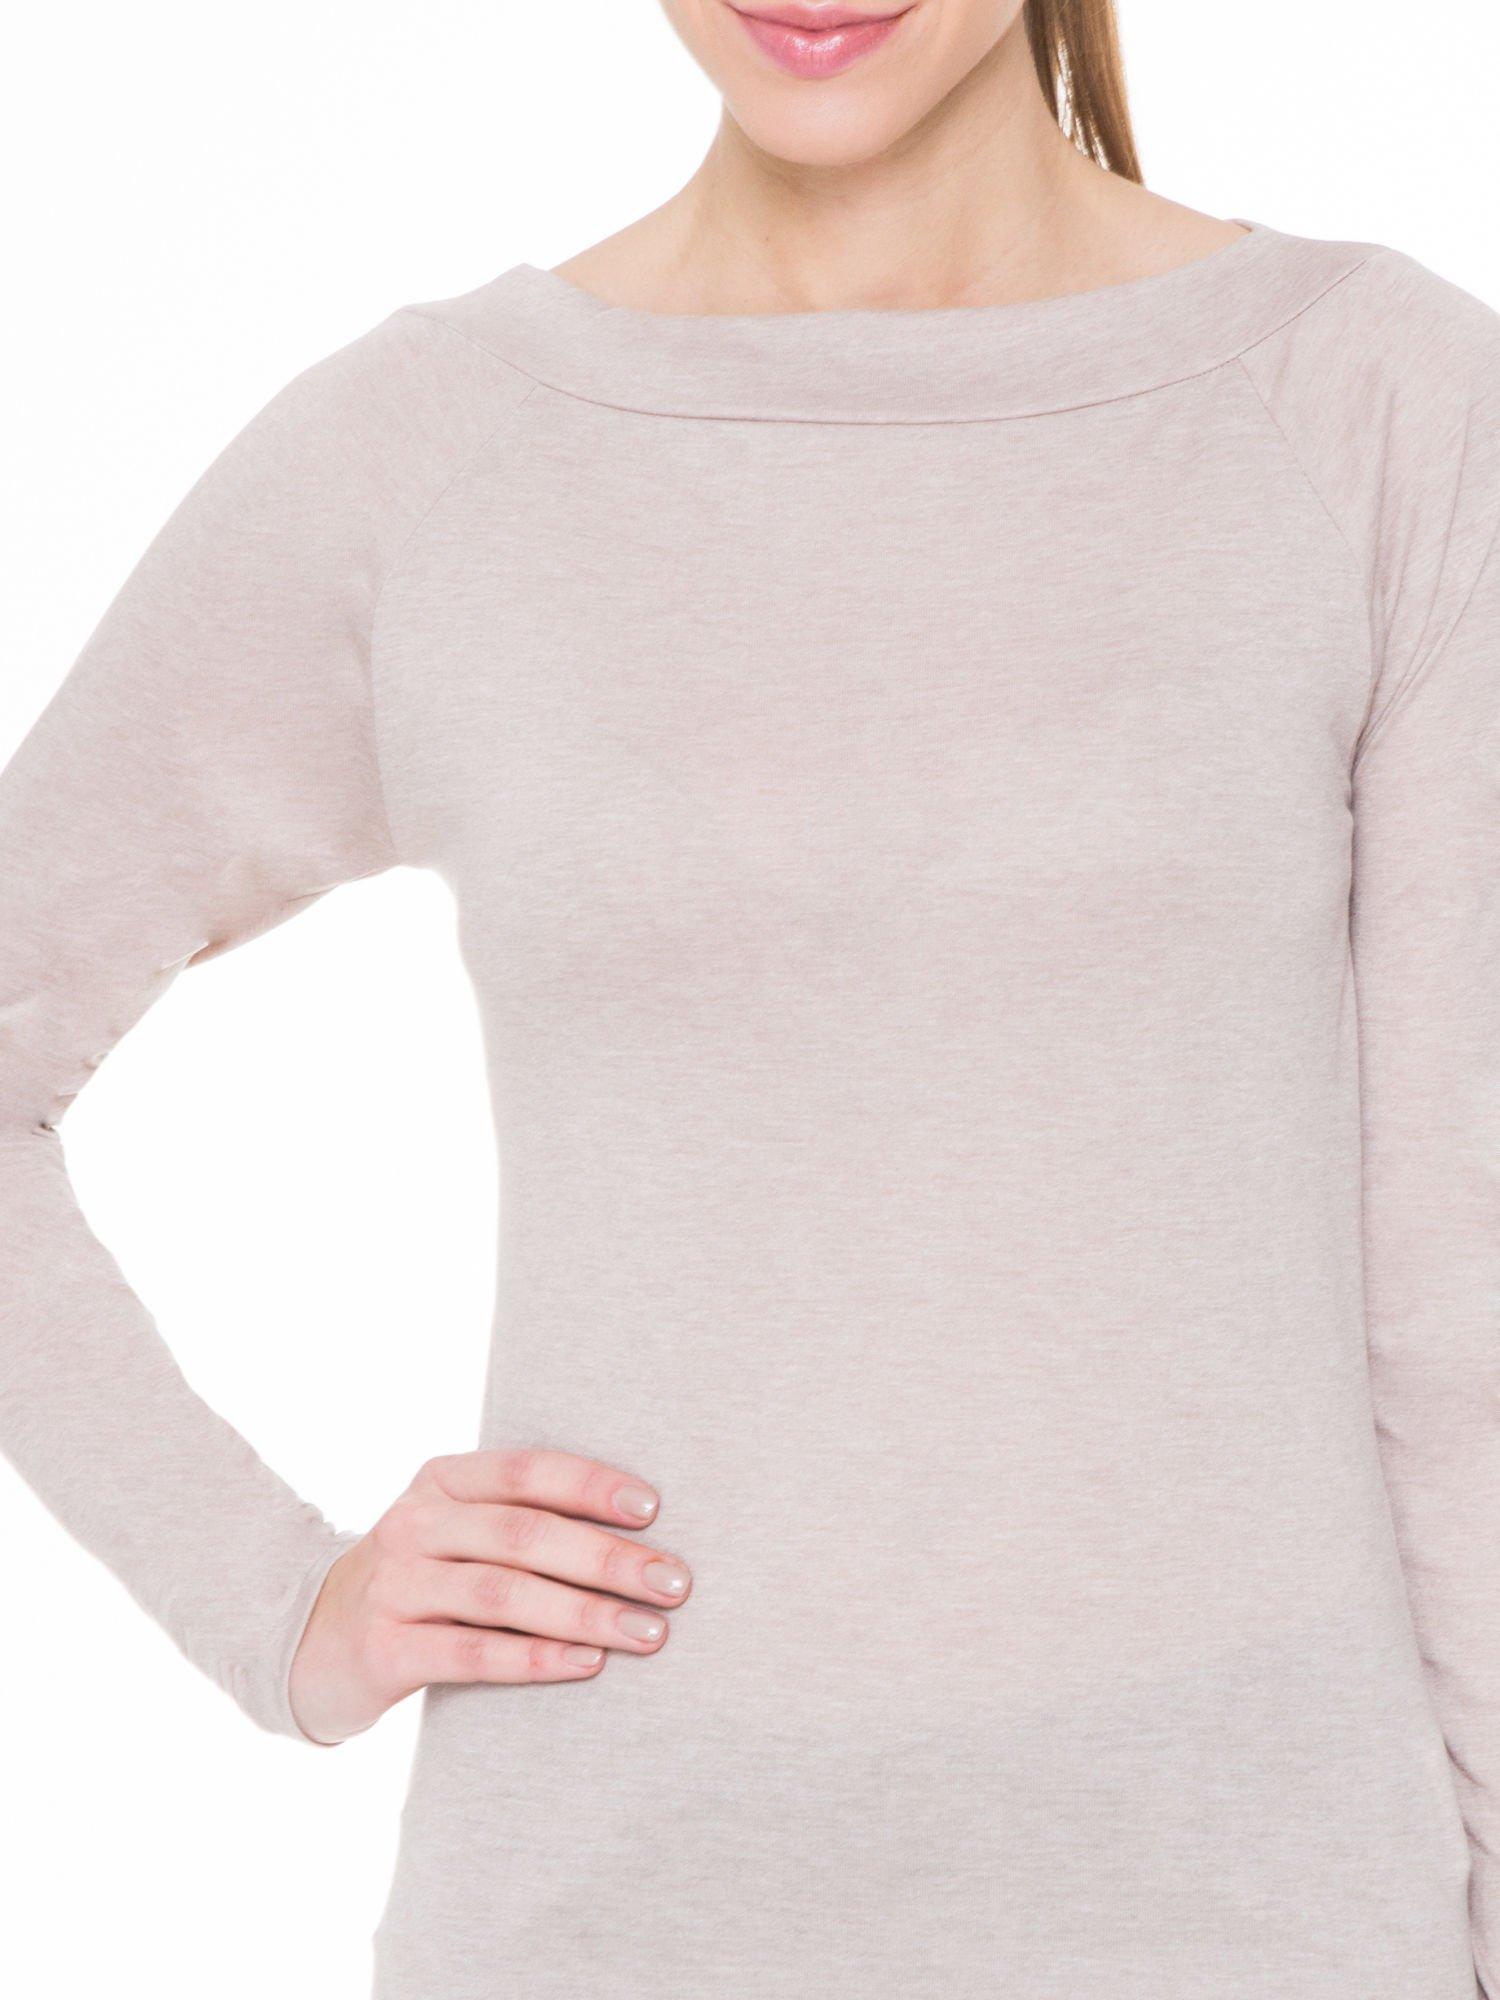 Beżowa gładka bluzka z reglanowymi rękawami                                  zdj.                                  5